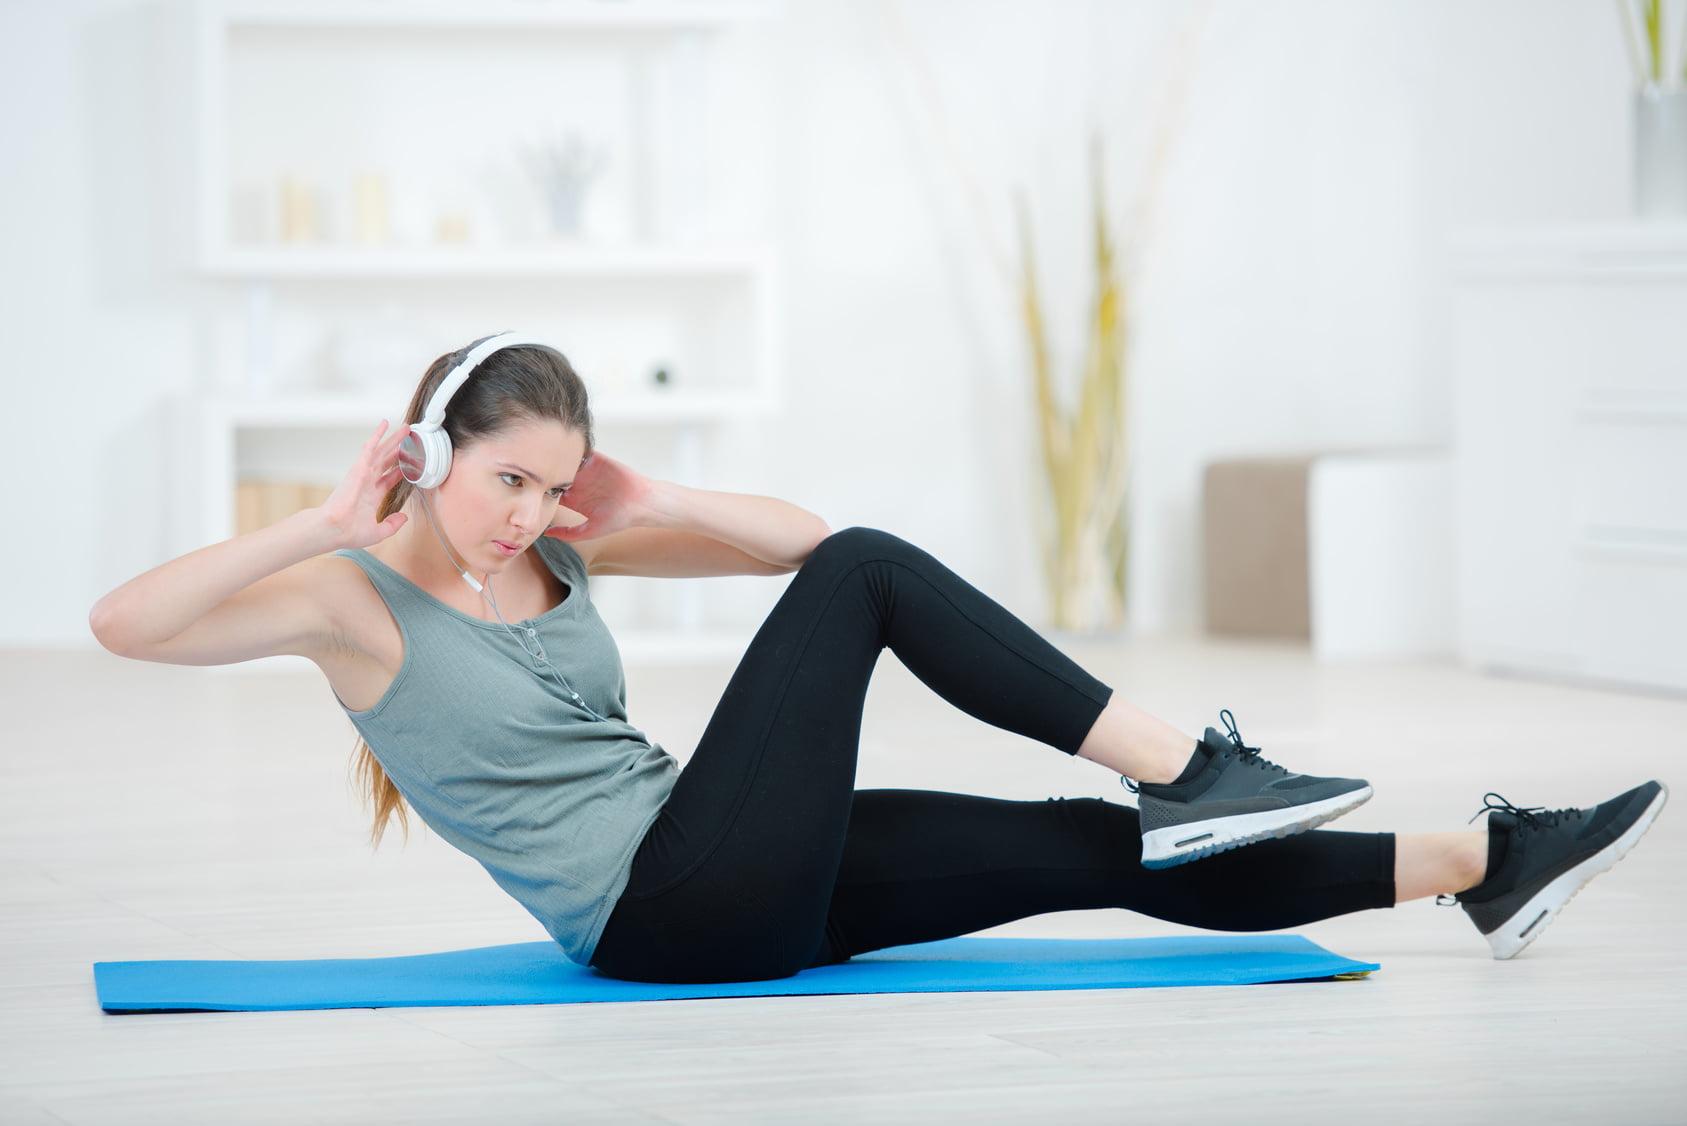 Занятия Чтобы Сбросить Вес. Эффективные тренировки для похудения